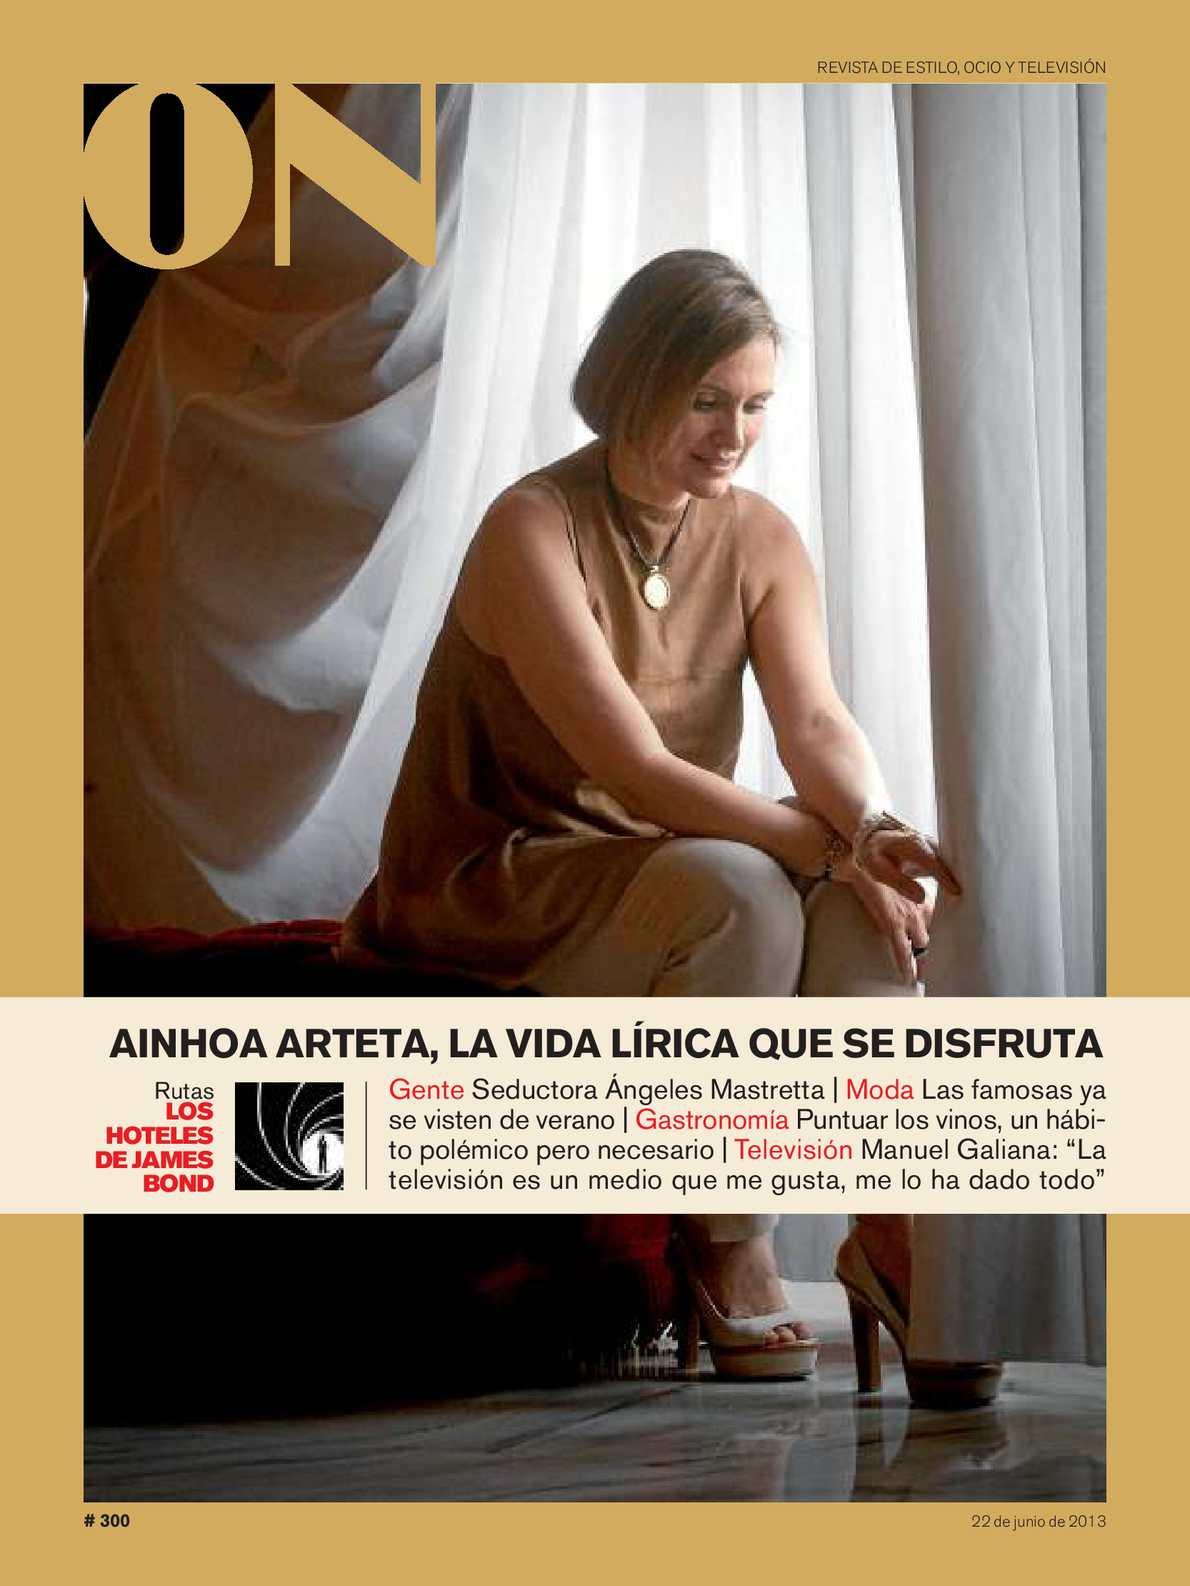 Actrices Porno Bizca calaméo - on revista de ocio y estilo 20130622